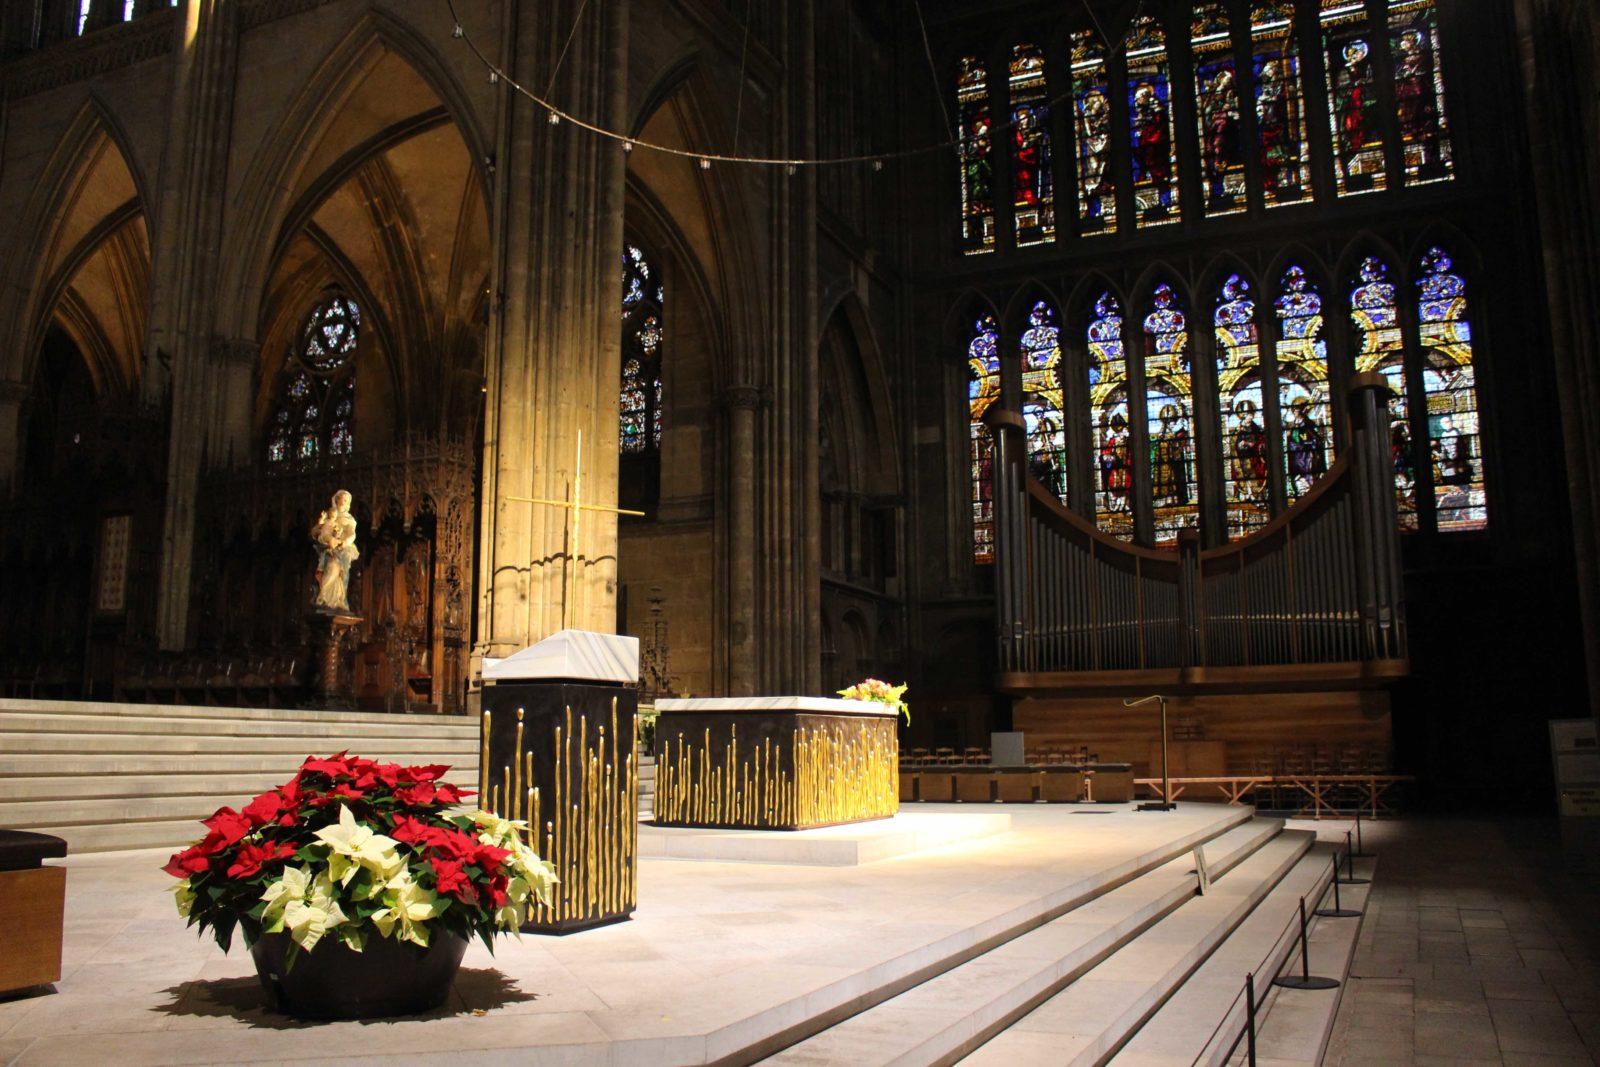 Metz cathédrale autel et orgue